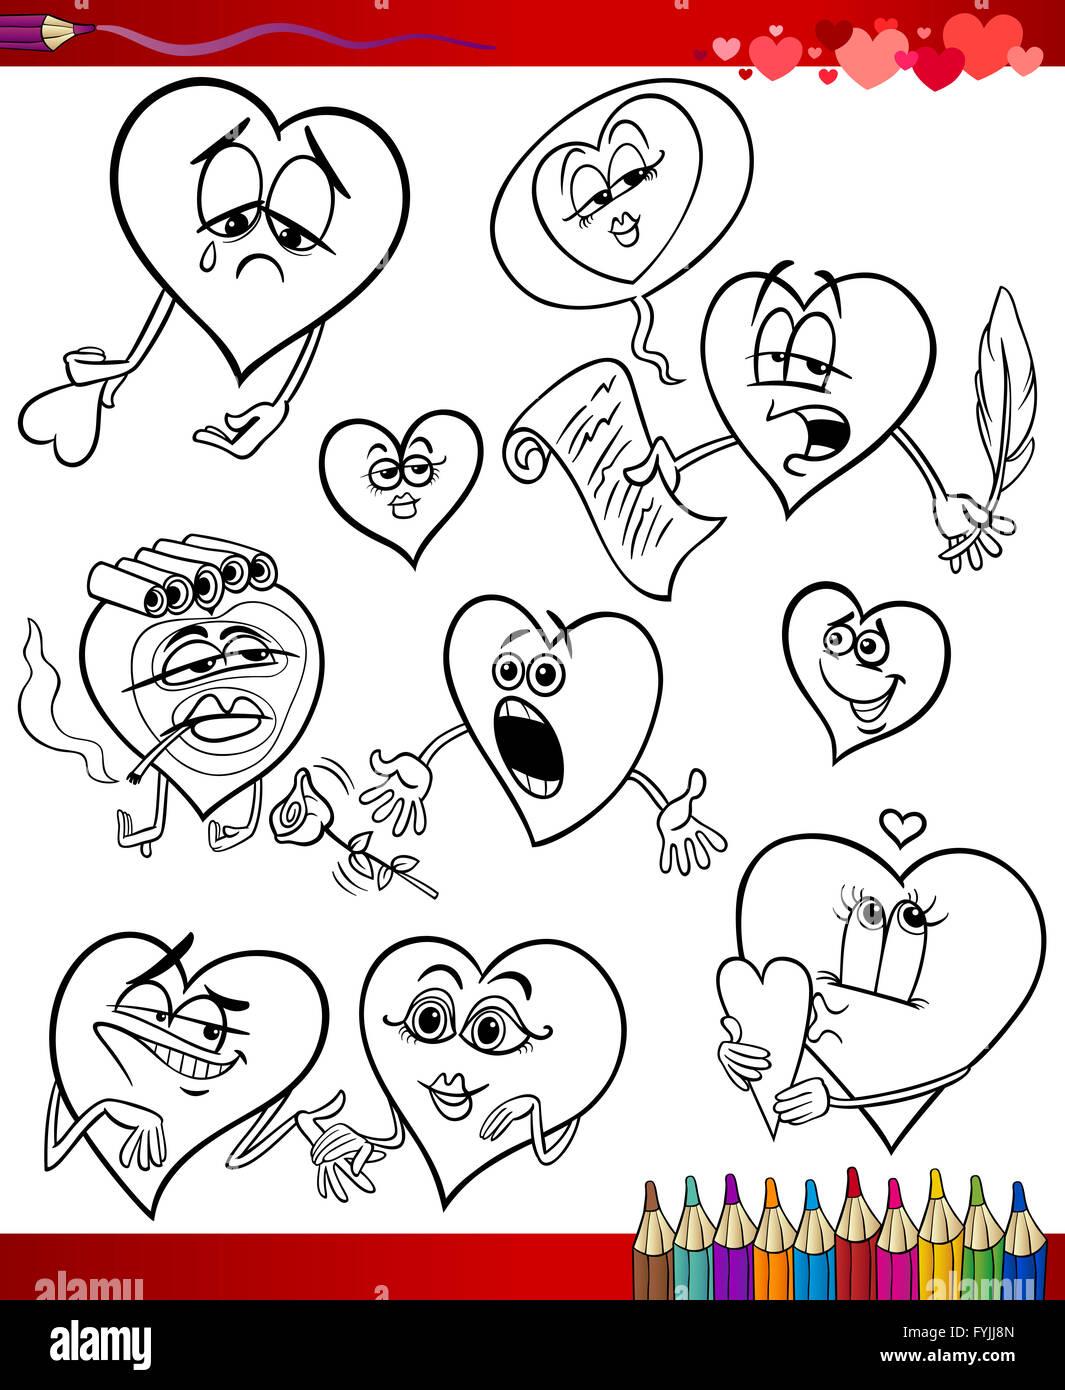 Fein Valentinstag Bilder Zum Ausmalen Zeitgenössisch - Druckbare ...